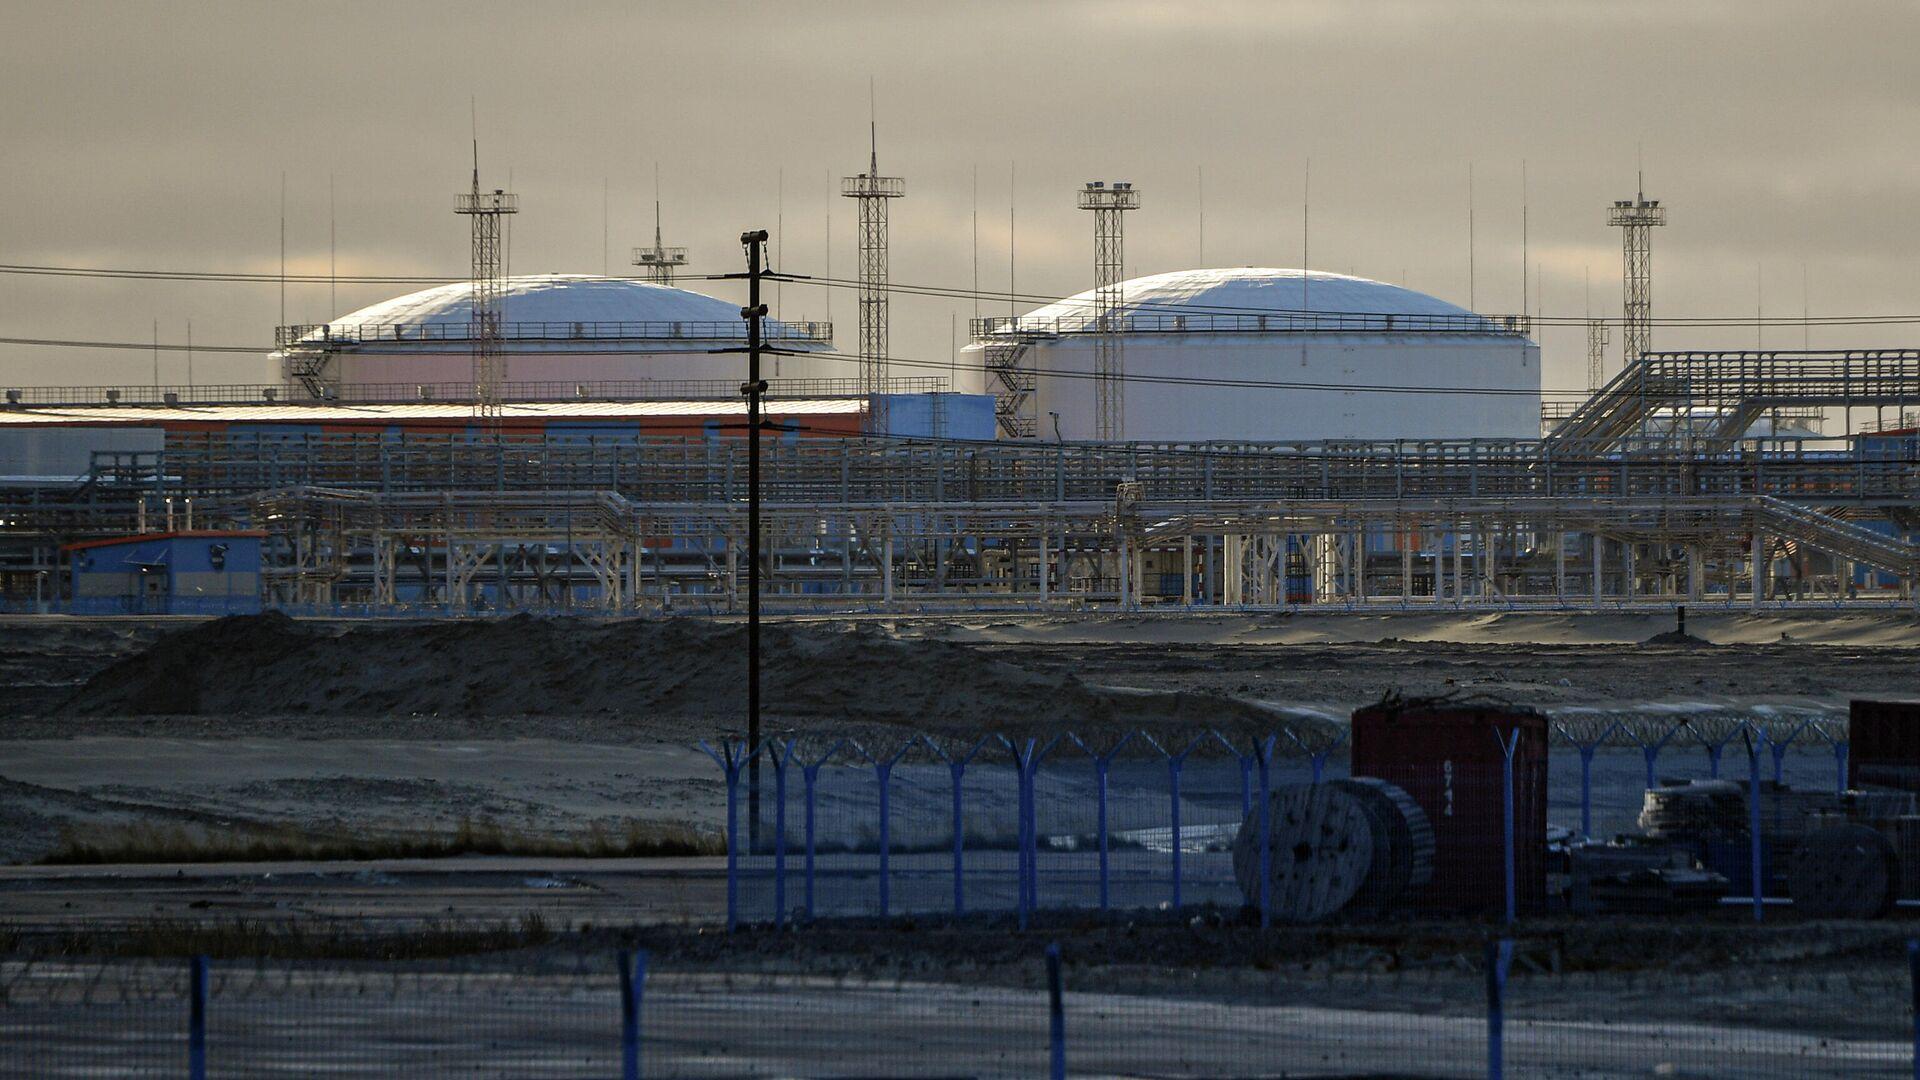 Завод по производству сжиженного природного газа Ямал СПГ в морском порту Саббета - РИА Новости, 1920, 16.11.2020